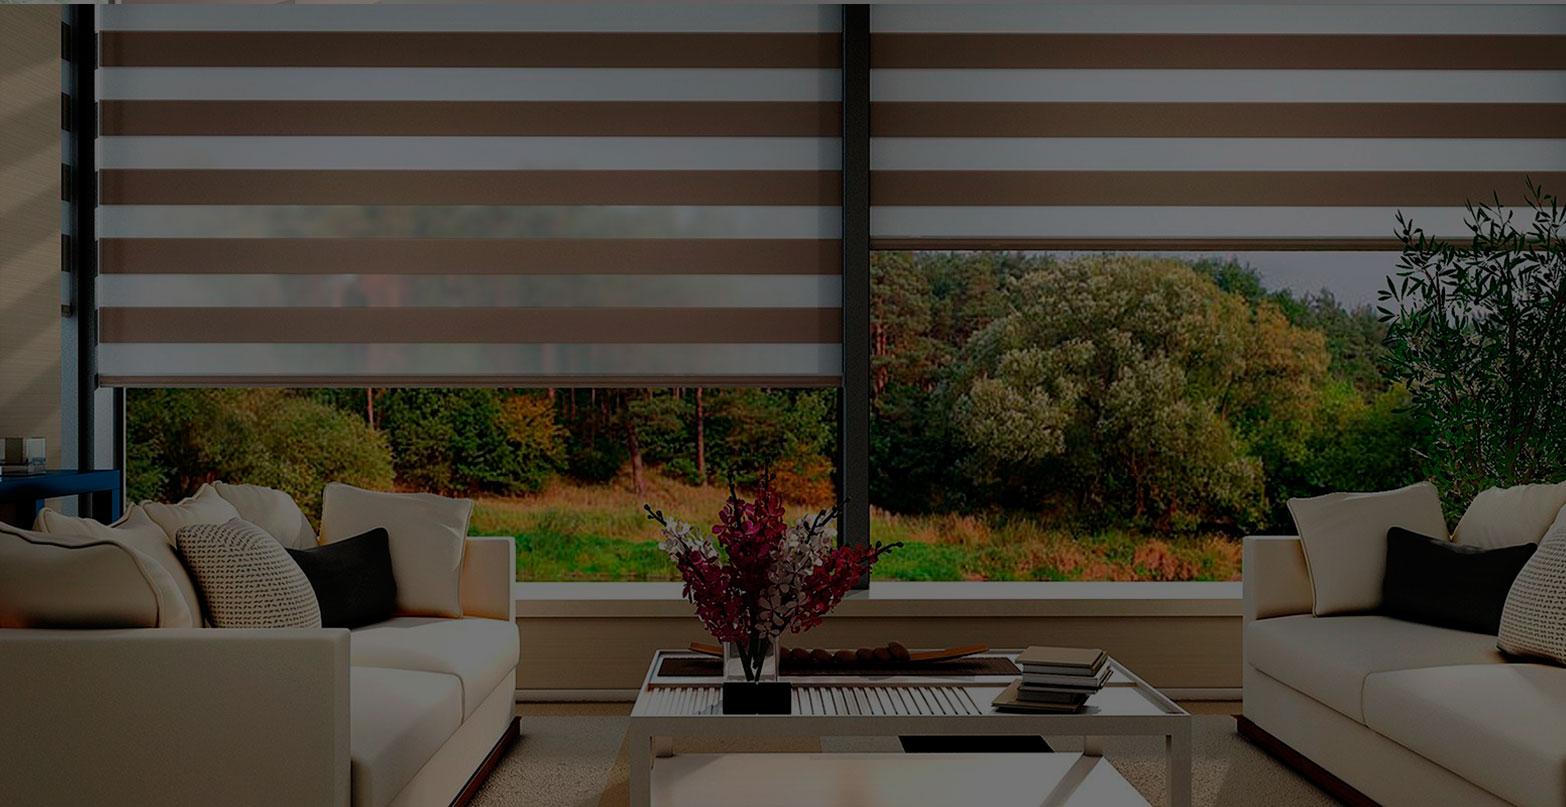 fabrica-cortinas-zebras-quito